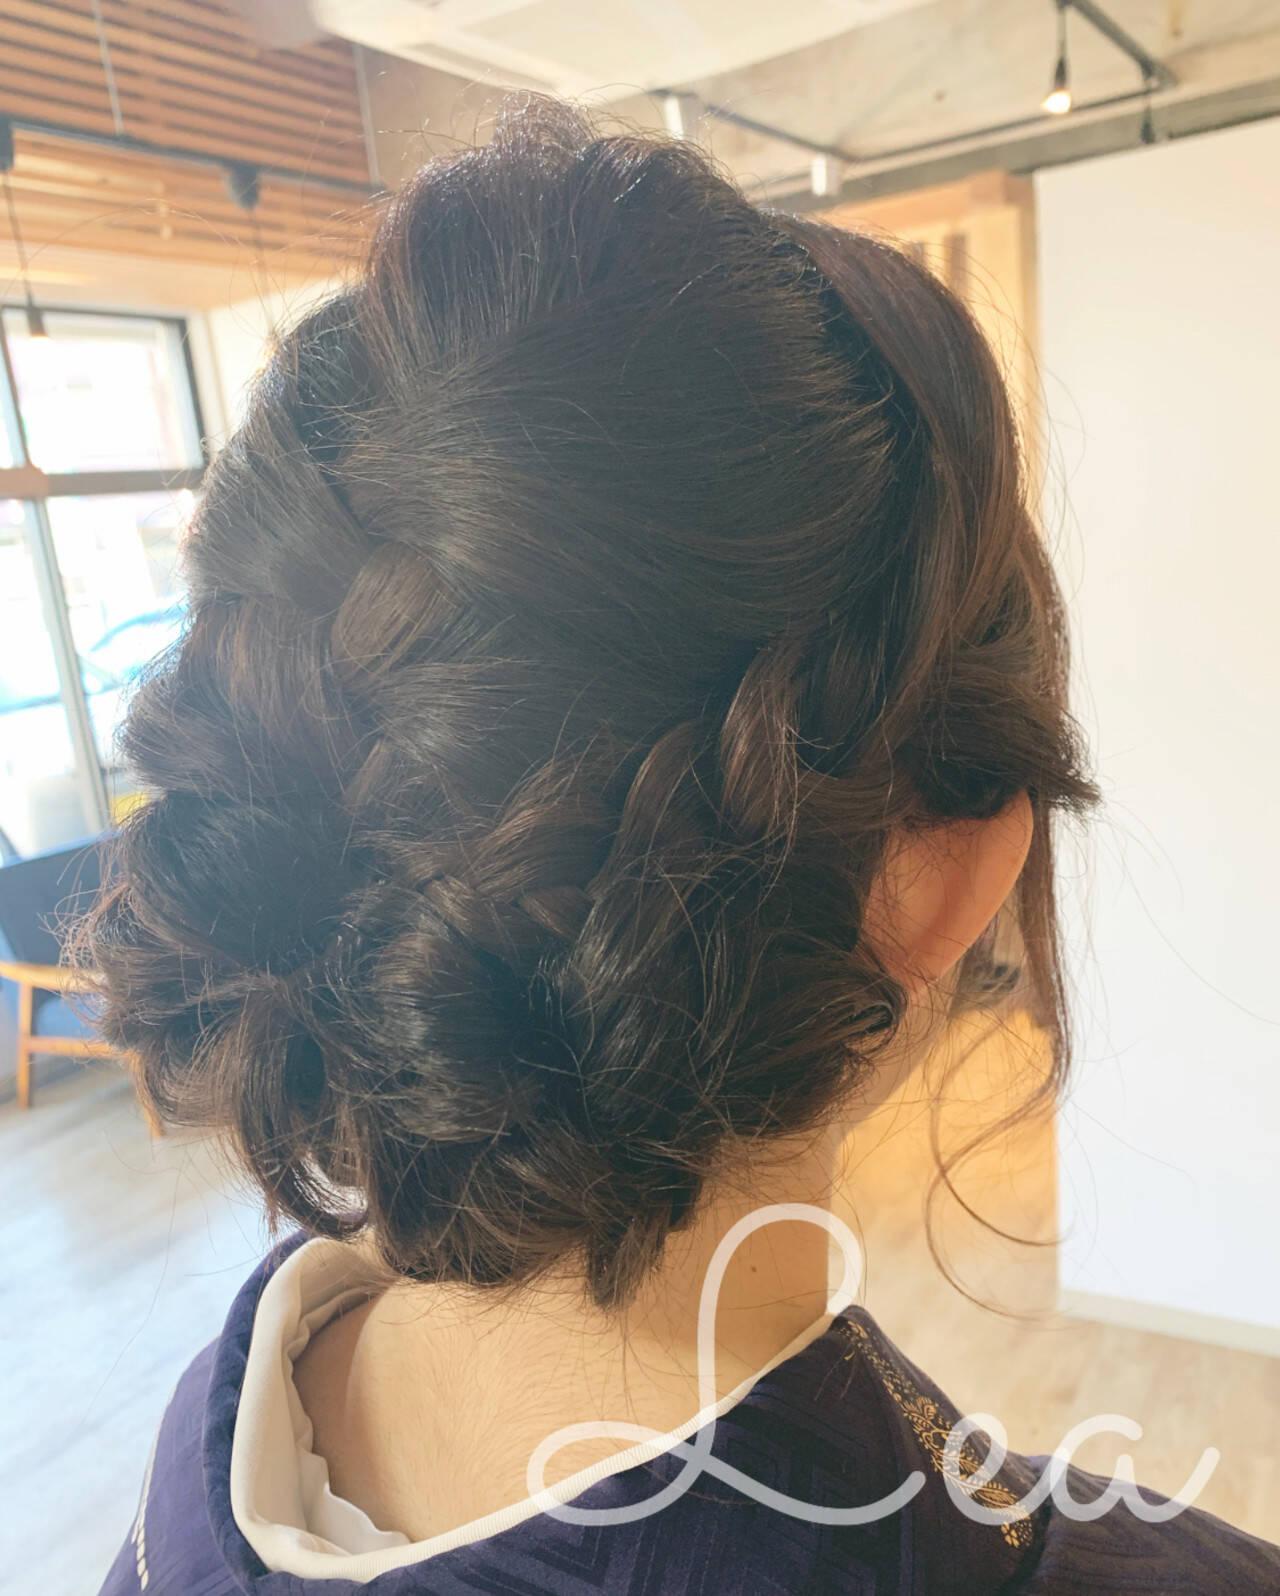 セミロング 和装髪型 和装ヘア 和装ヘアスタイルや髪型の写真・画像